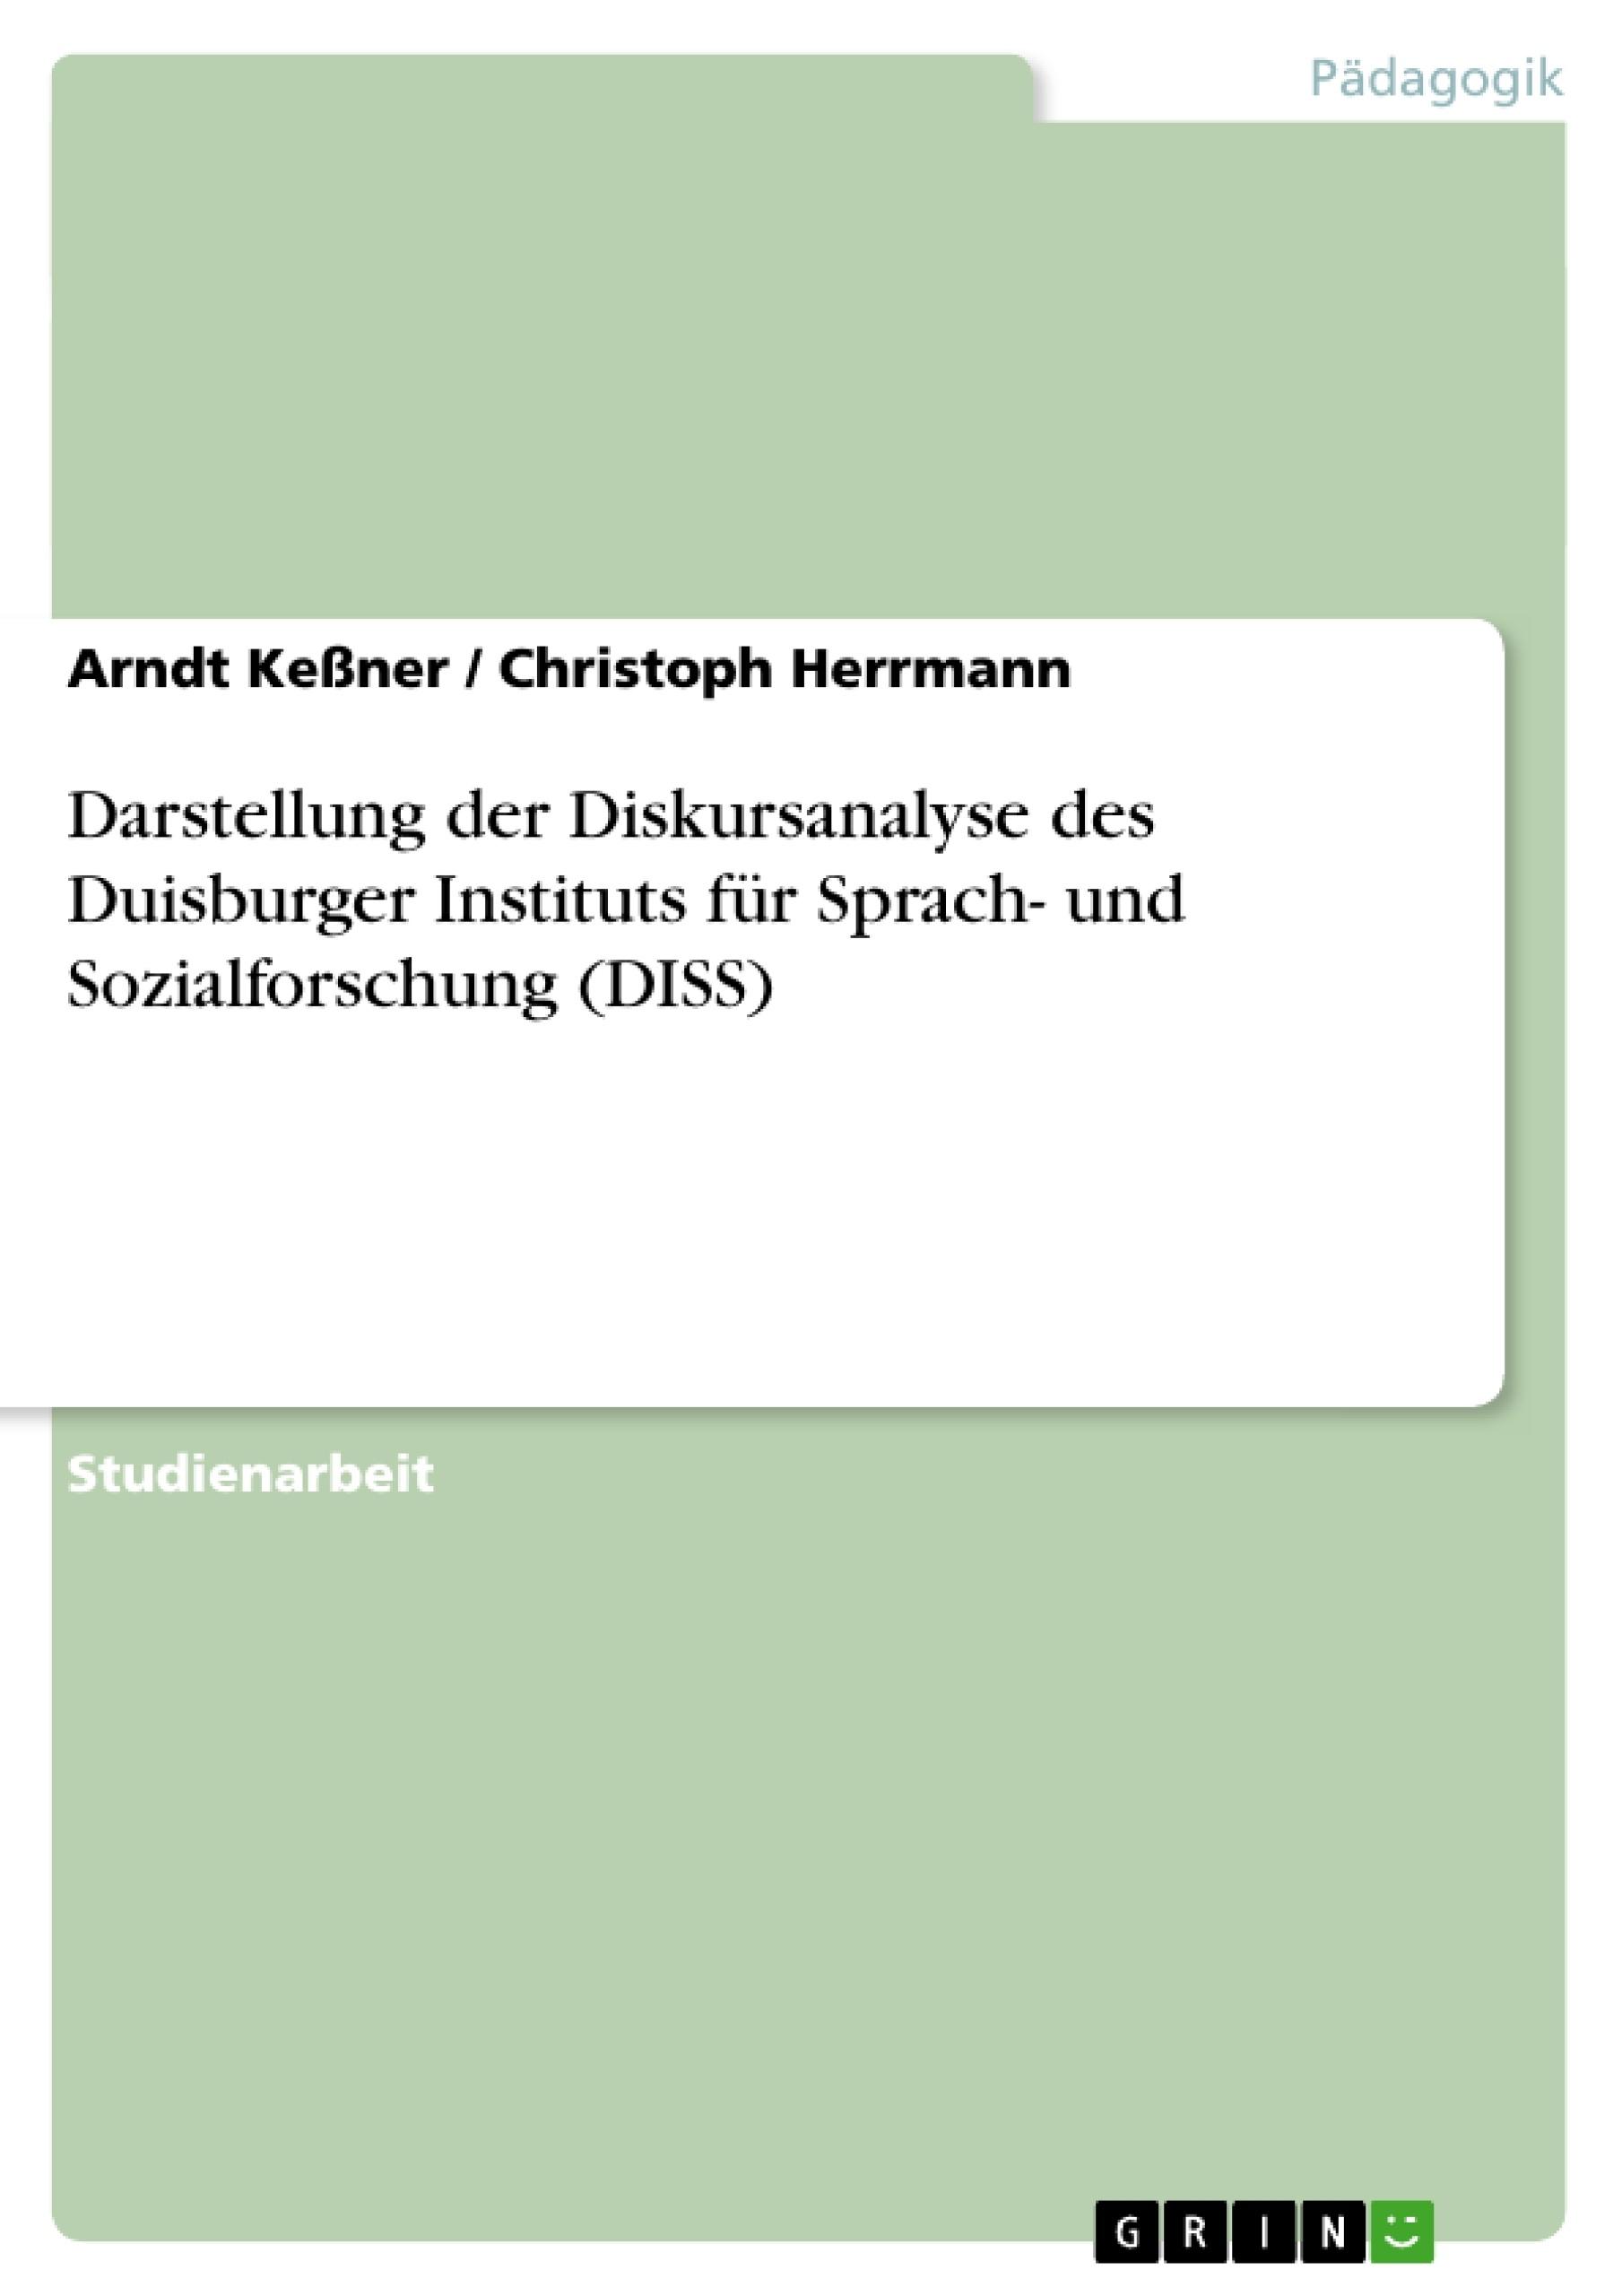 Titel: Darstellung der Diskursanalyse des Duisburger Instituts für Sprach- und Sozialforschung (DISS)